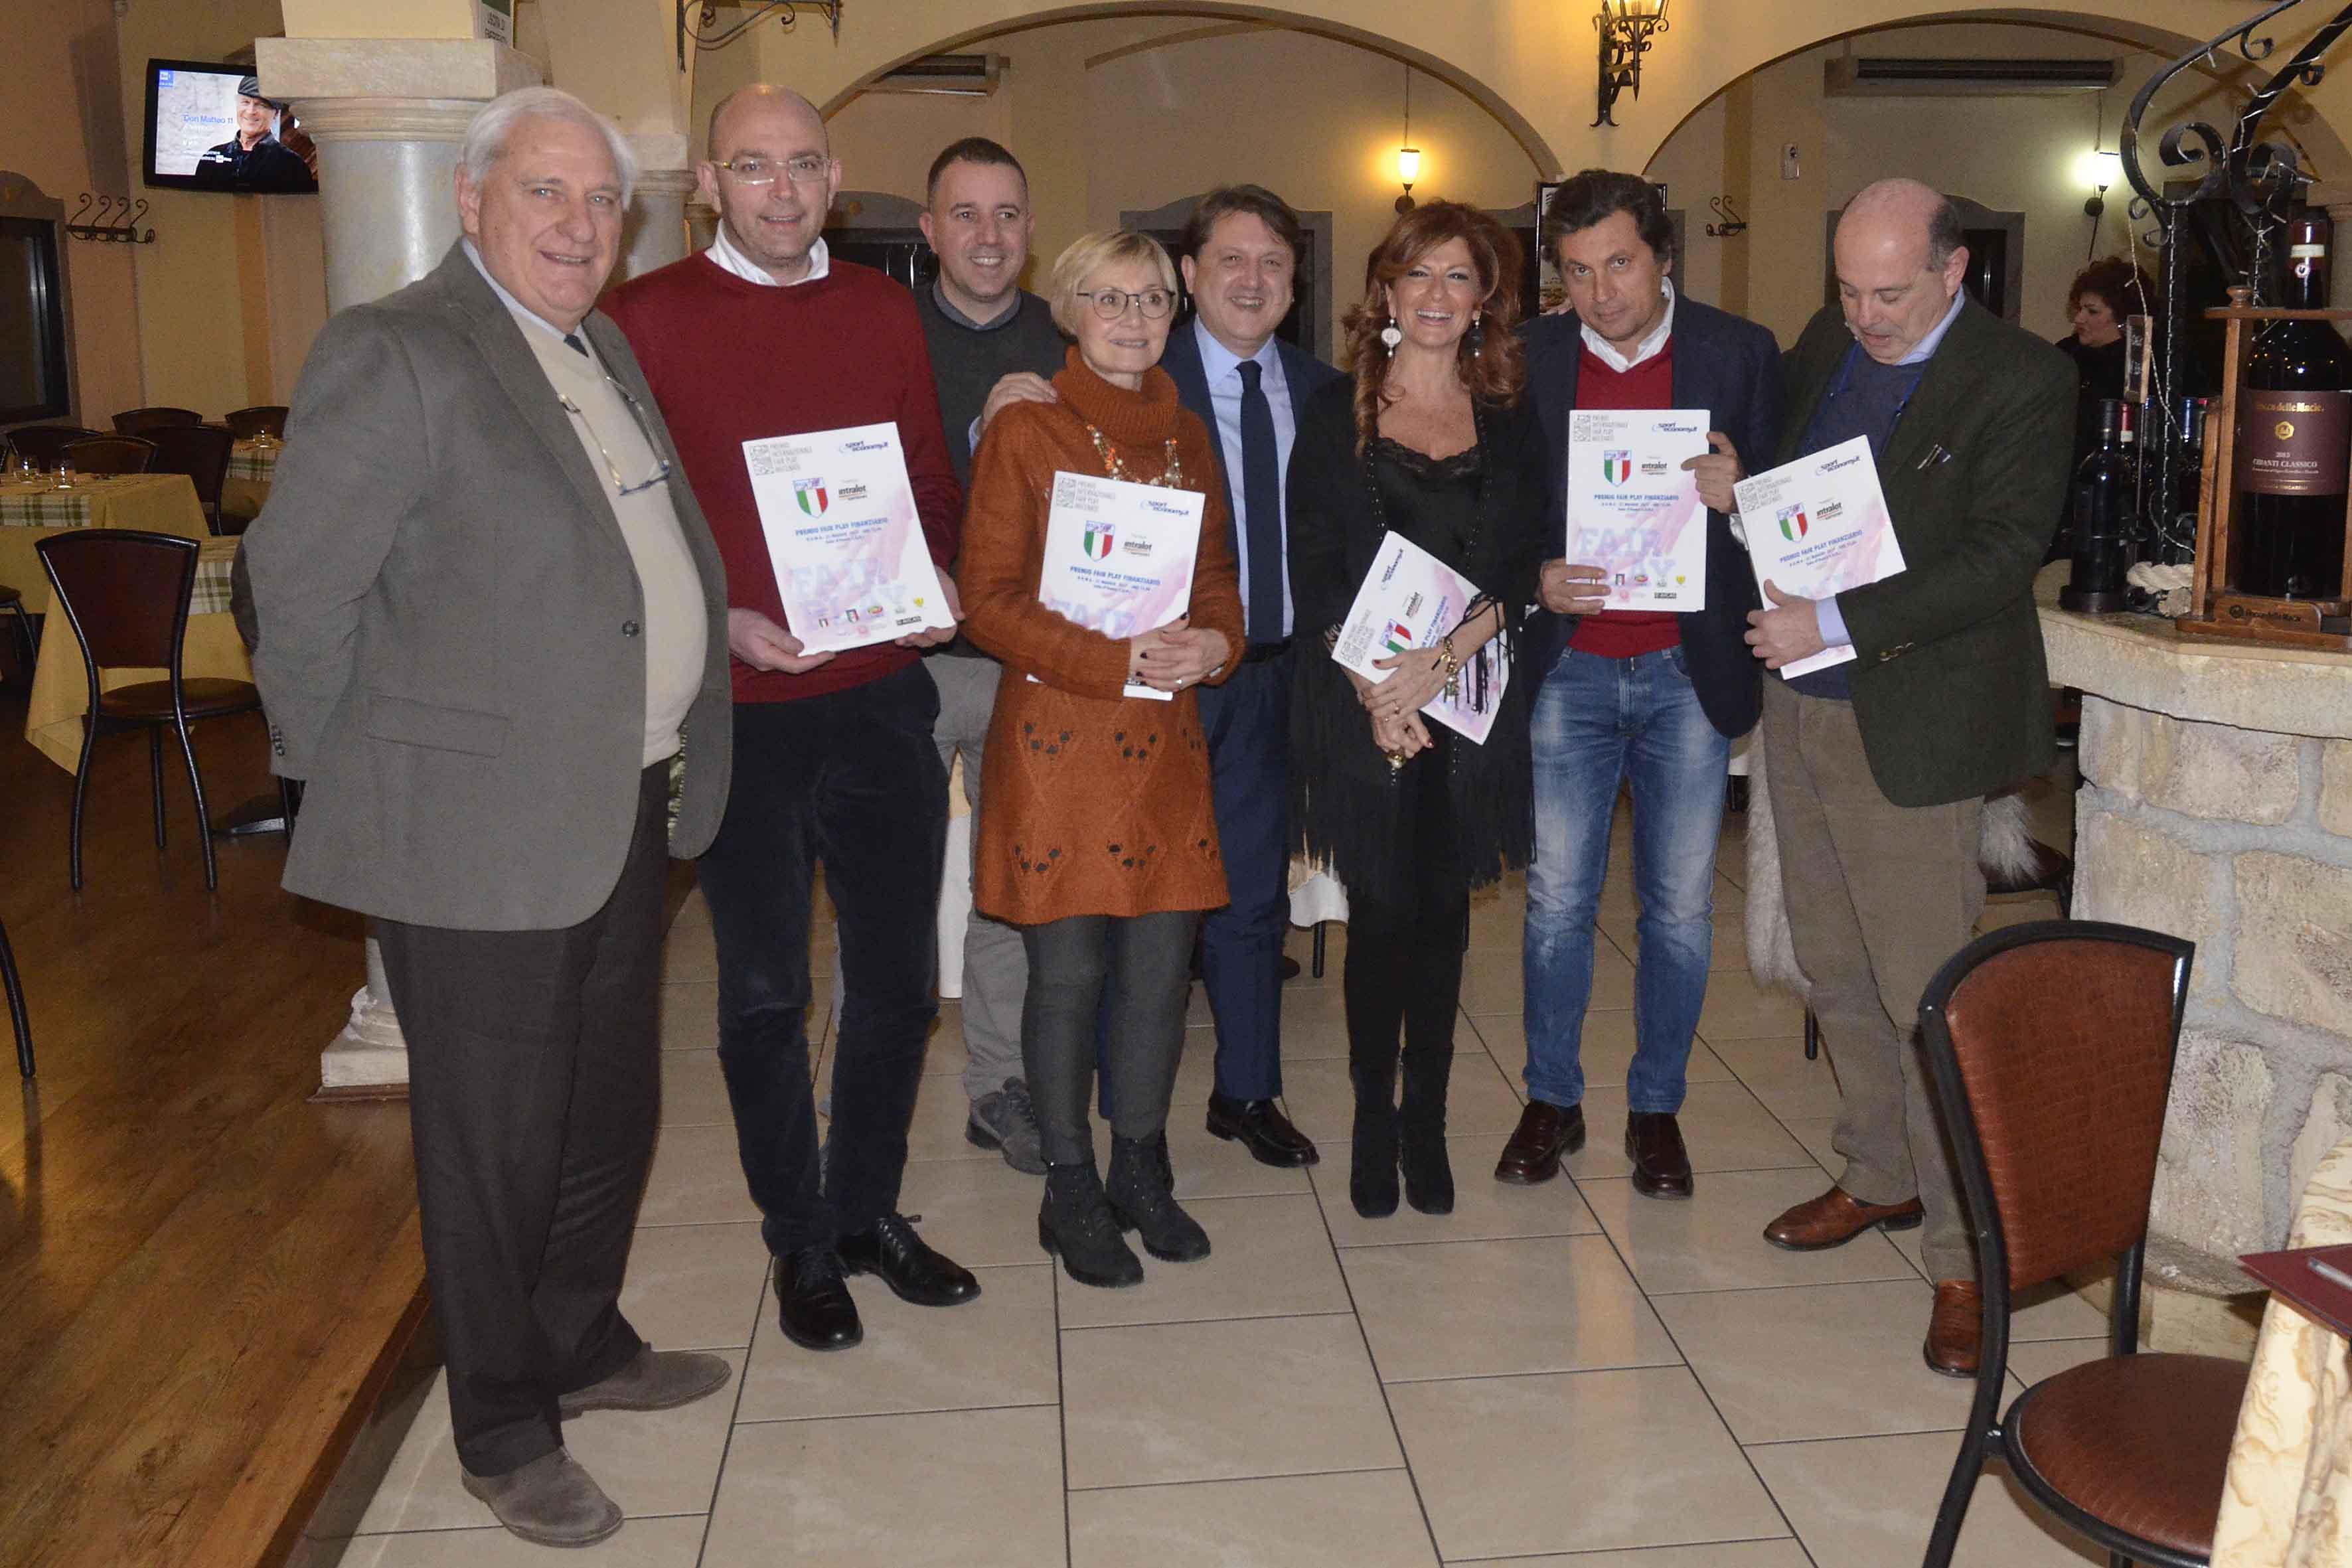 Anche quest'anno il Premio Fair Play Mecenate sarà a Castiglion Fiorentino